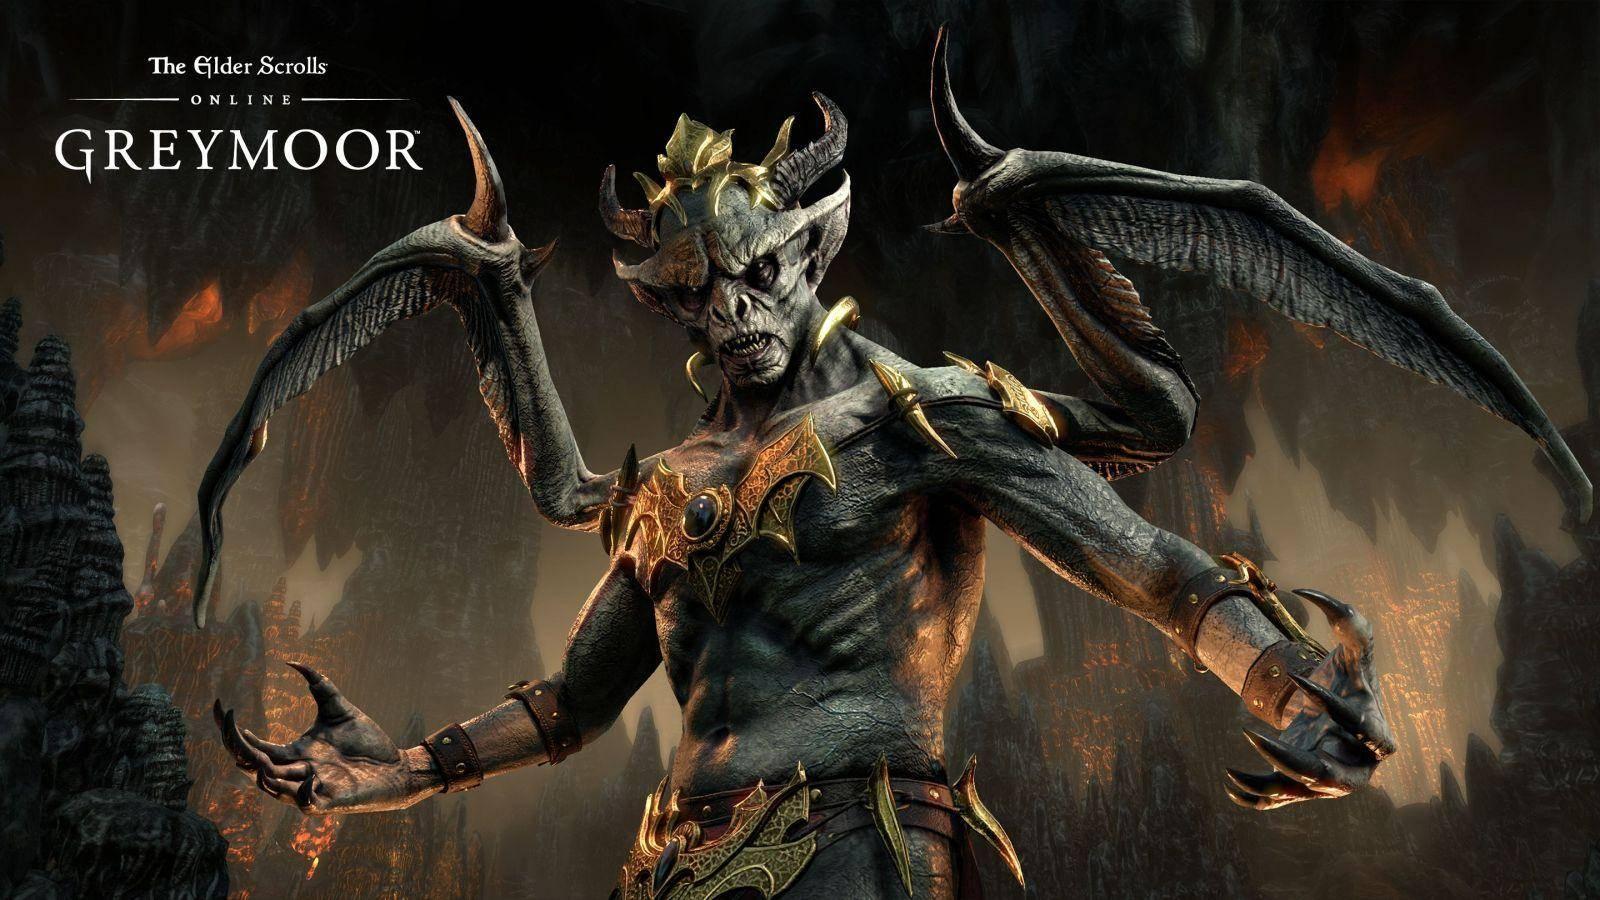 La tierra de Skyrim regresa a consolas con The Elder Scrolls Online 2